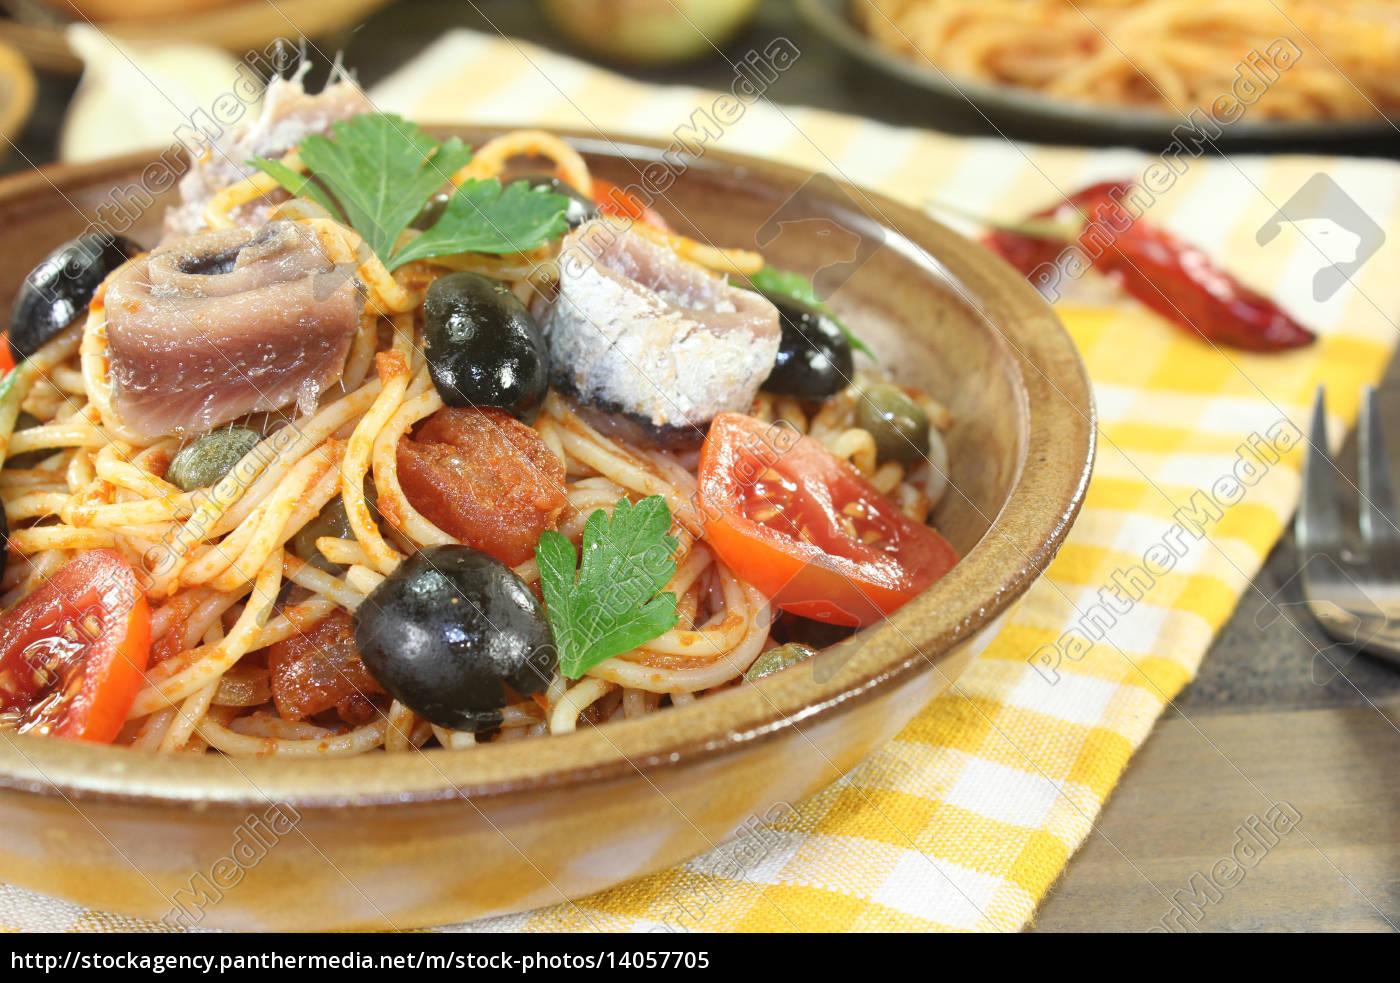 spaghetti, alla, puttanesca, with, olives, and - 14057705